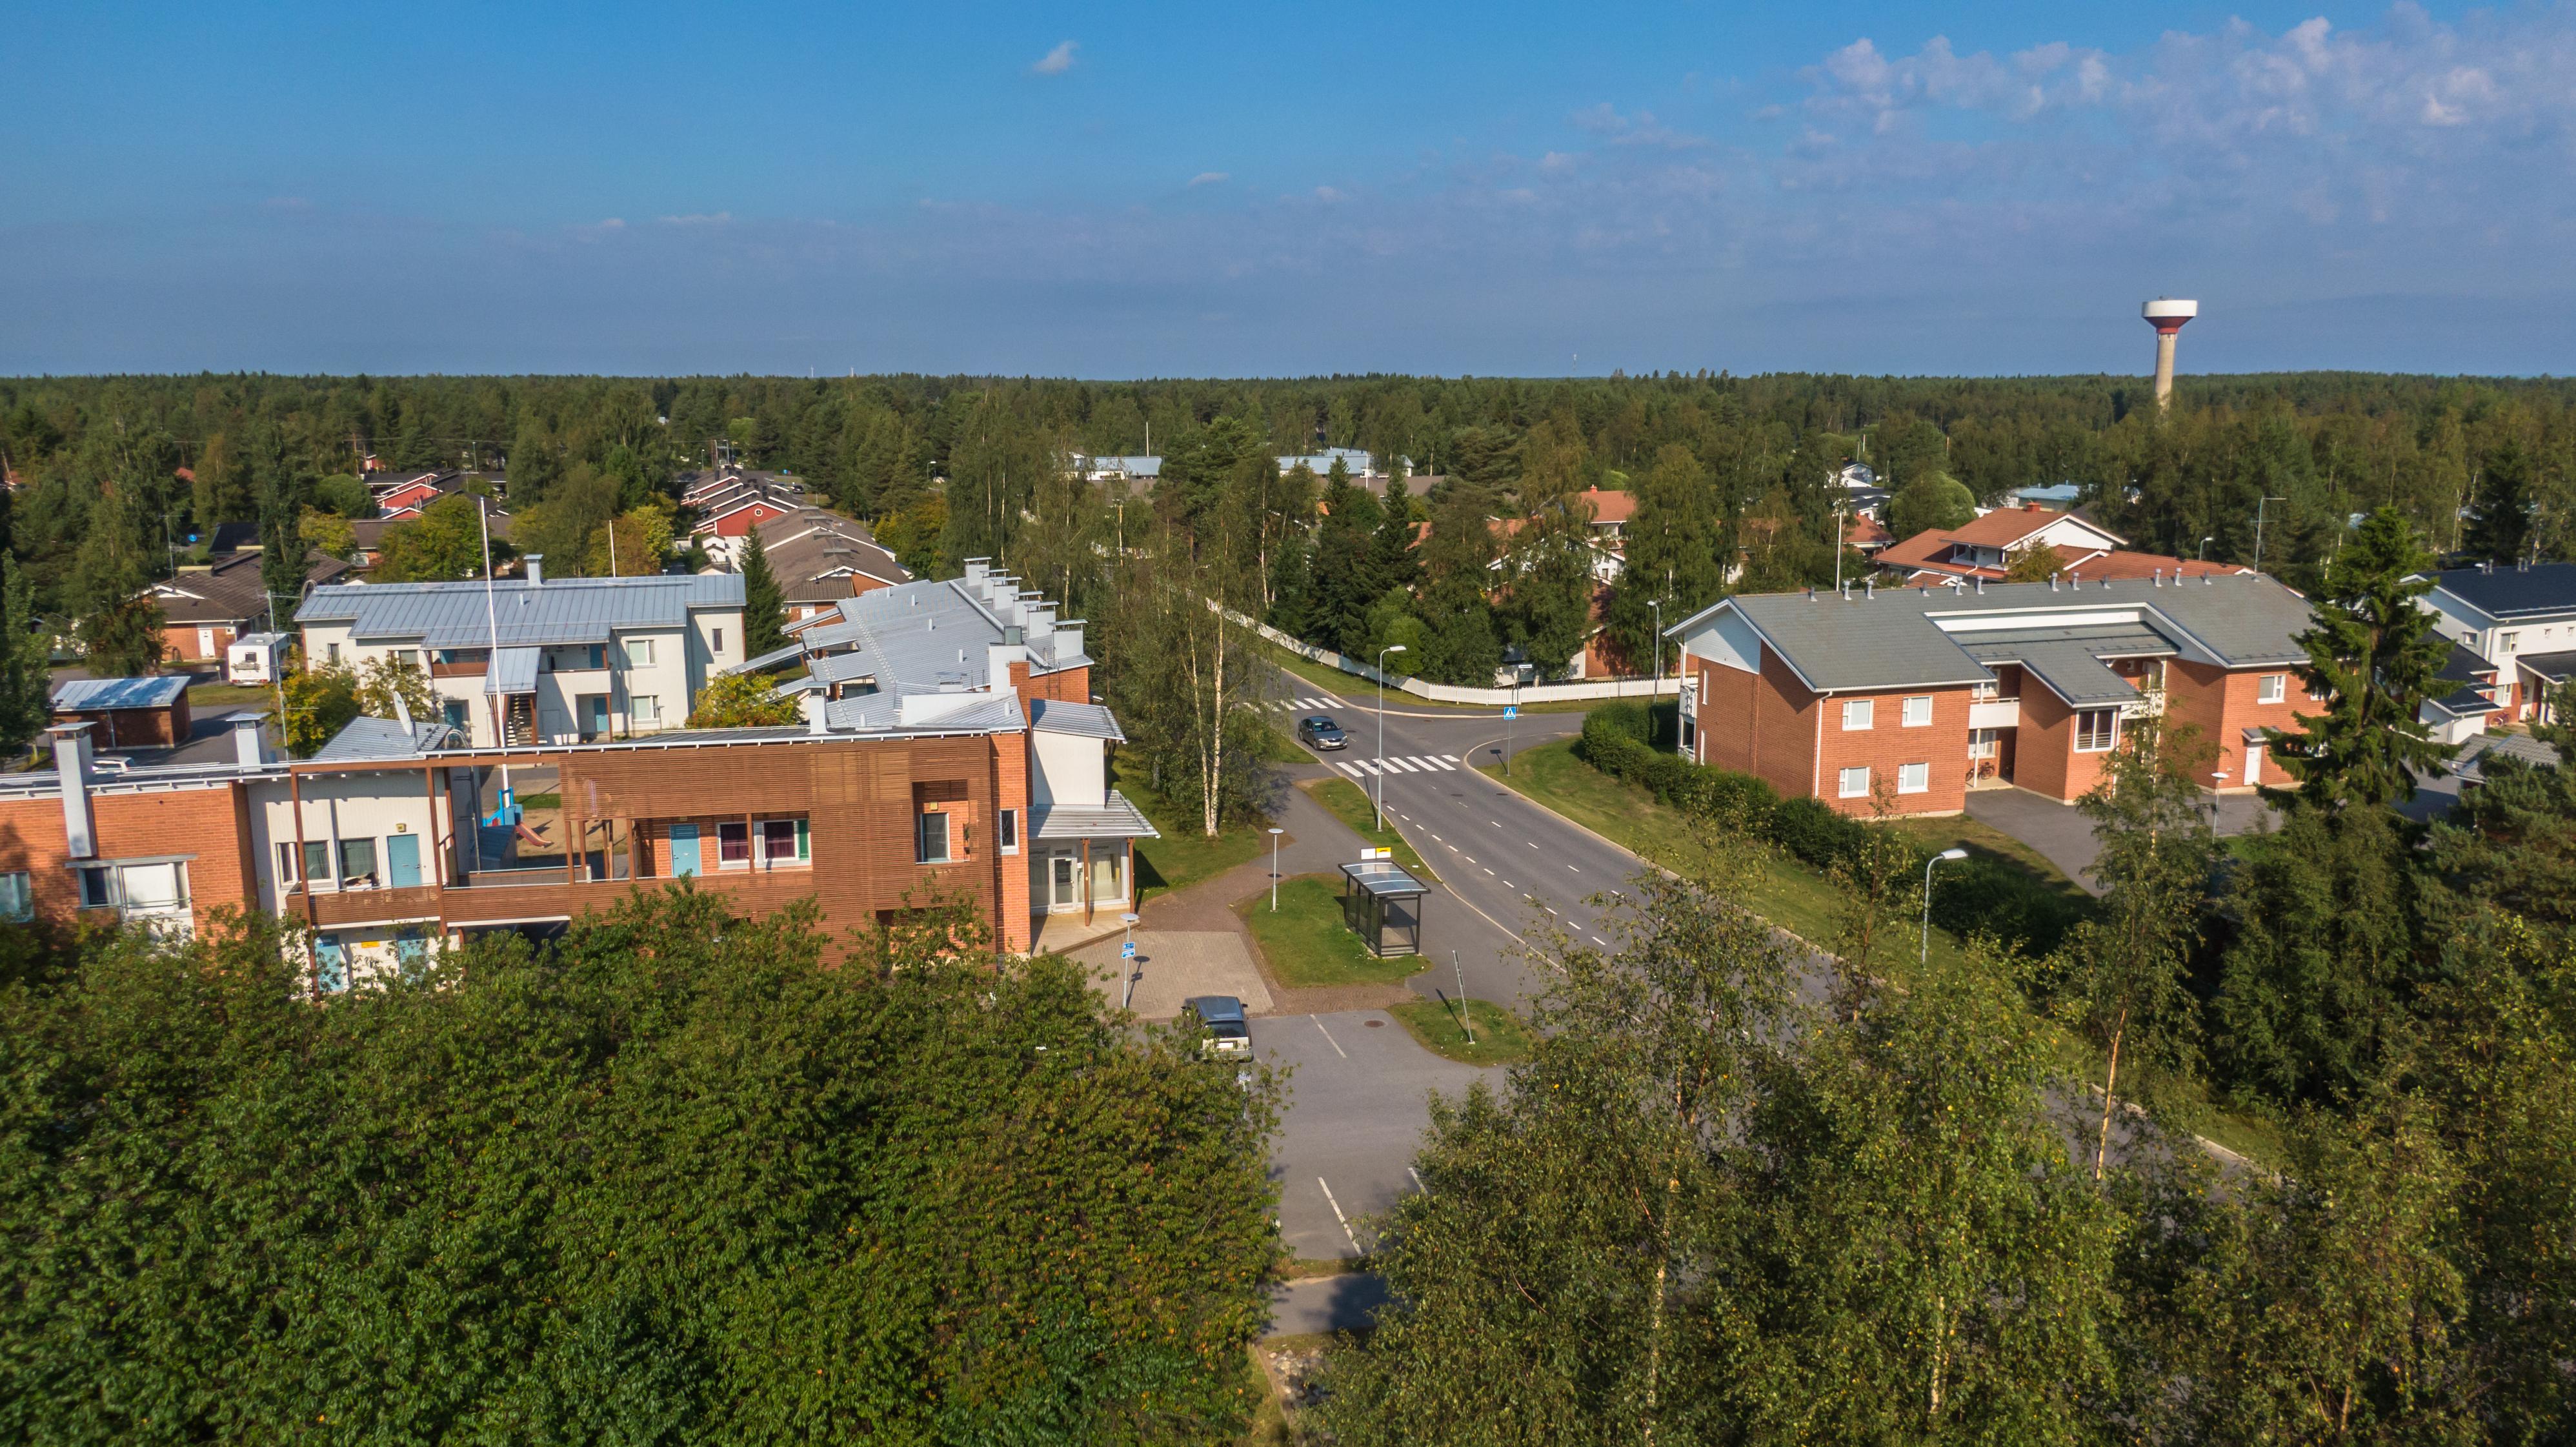 Ilmasta dronella otettu kuva Oulunsalon Pitkäkankaan kerrostalolähiöstä. Metsää, punertavia ja vaaleita taloja. Sininen taivas, jossa poutapilviä.